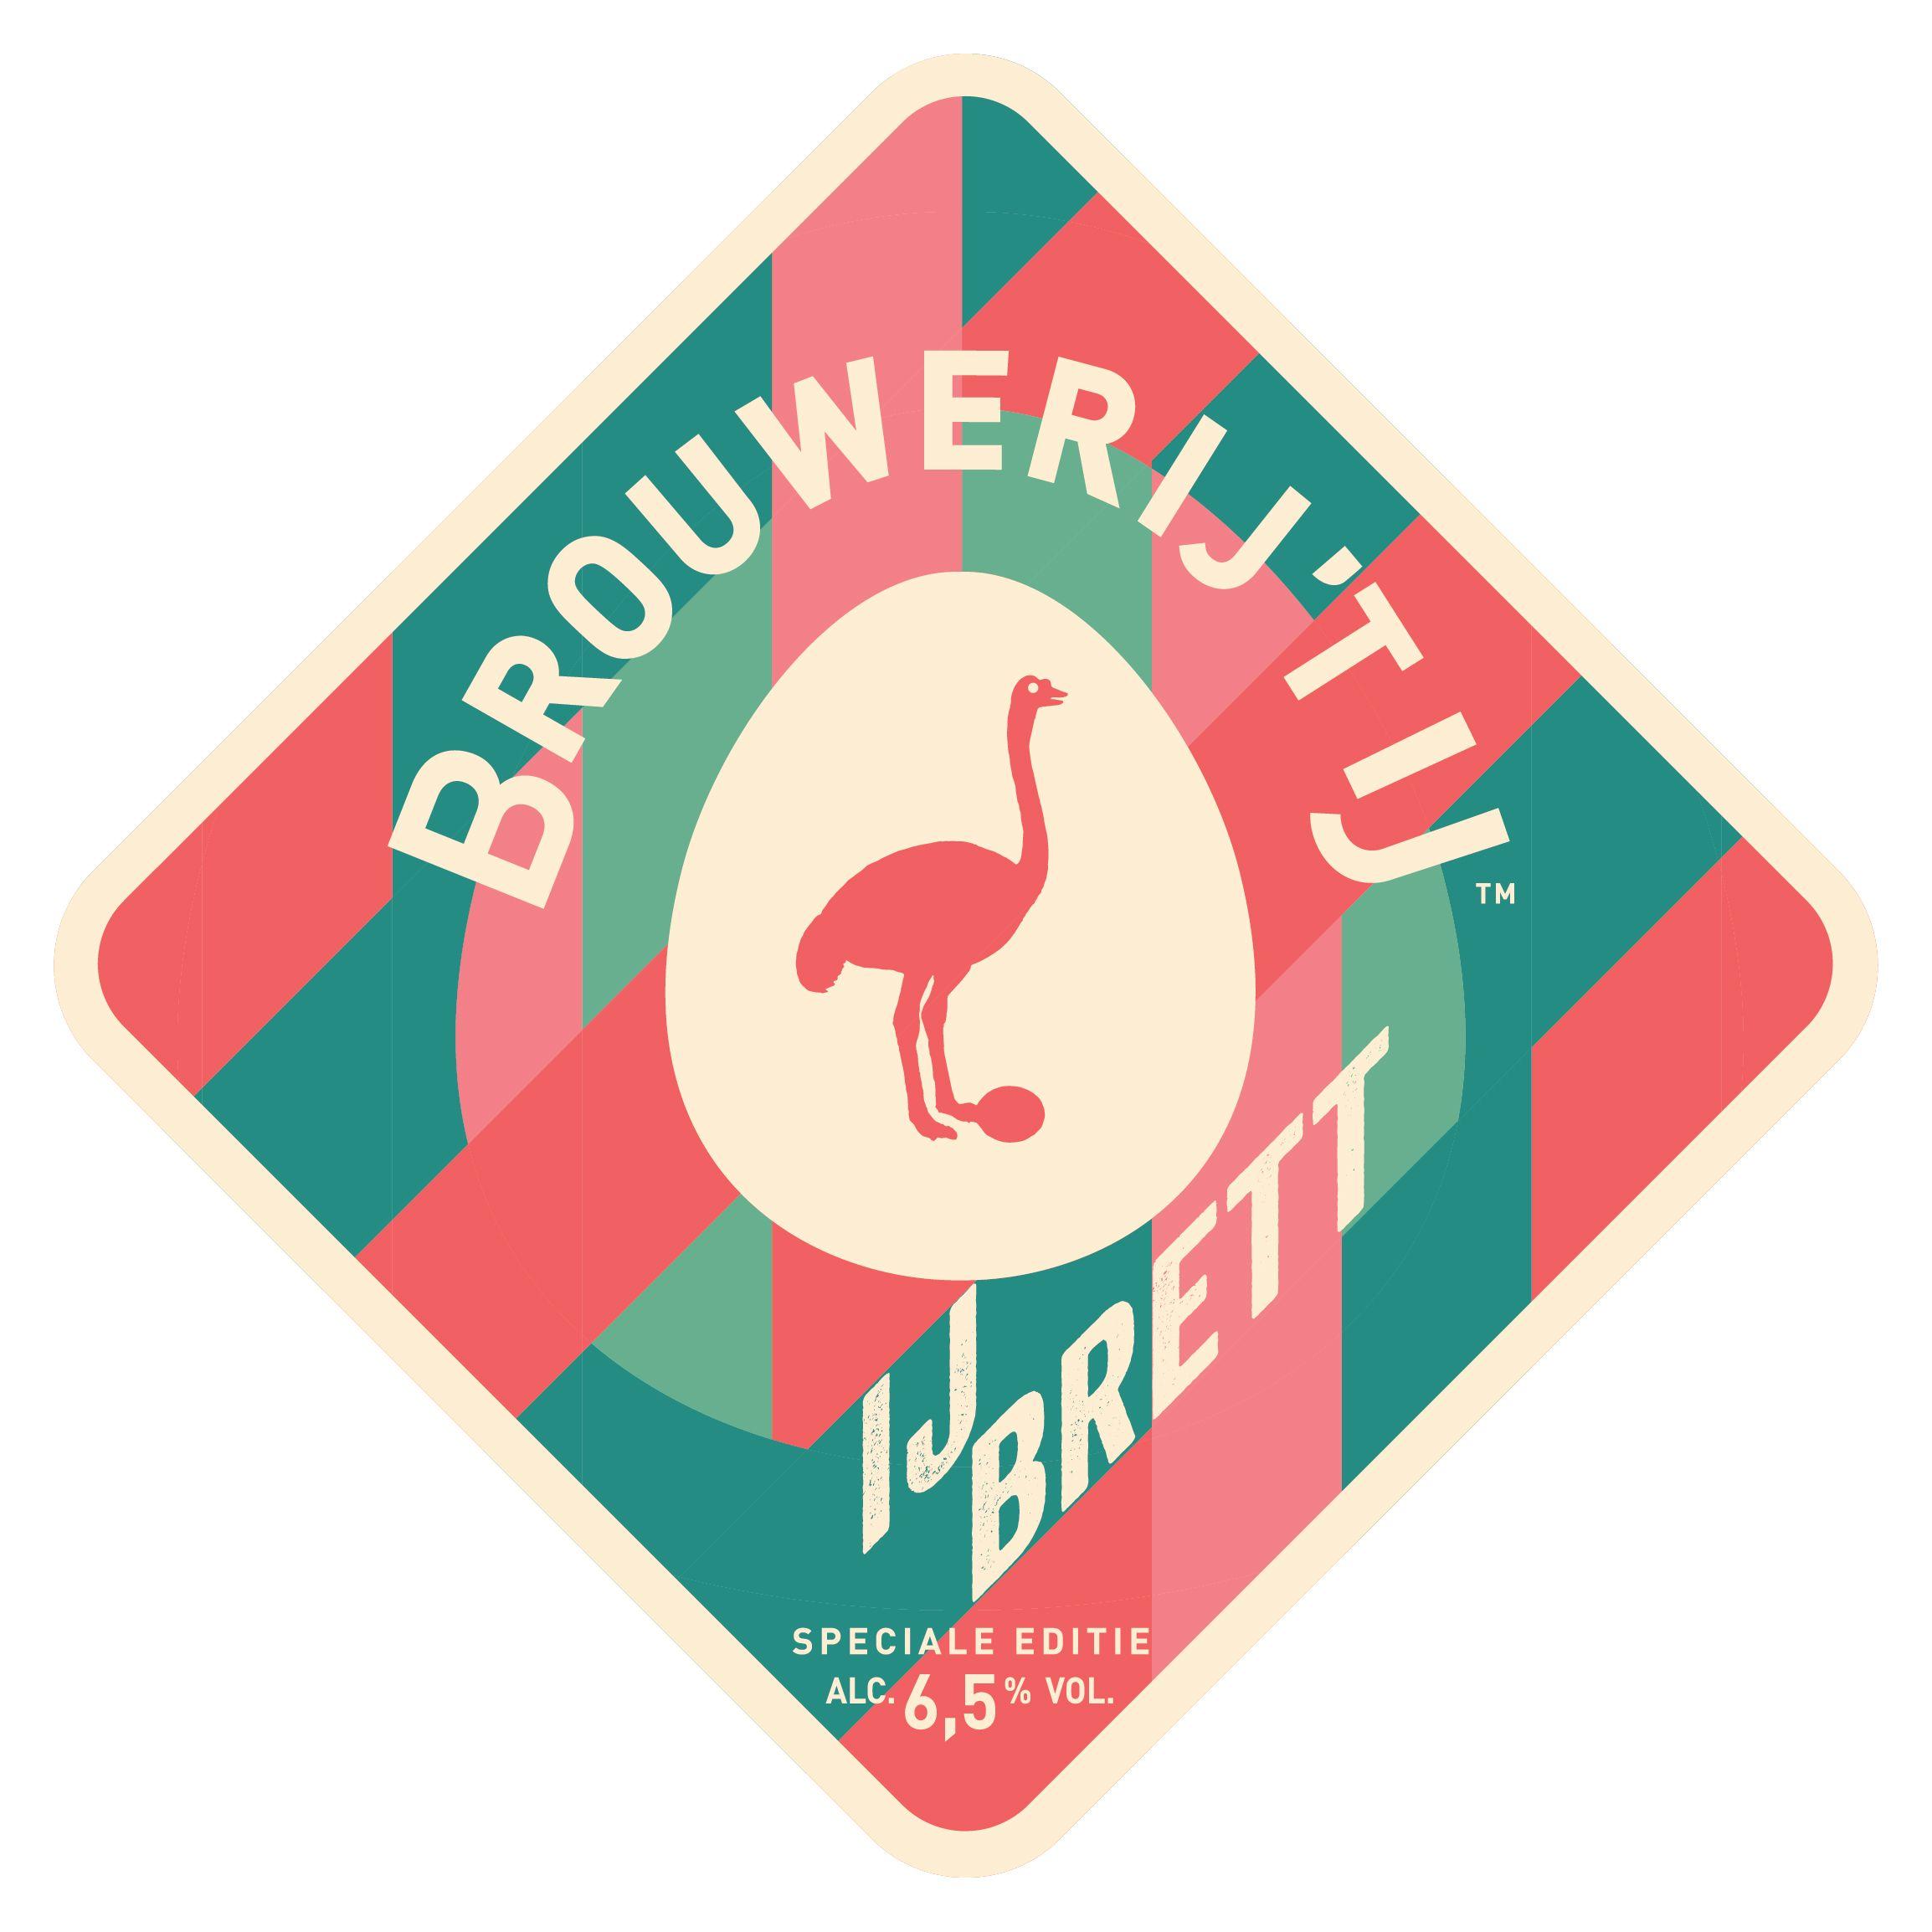 Brouwerij \'t IJ \'Brett\' | cartel | Pinterest